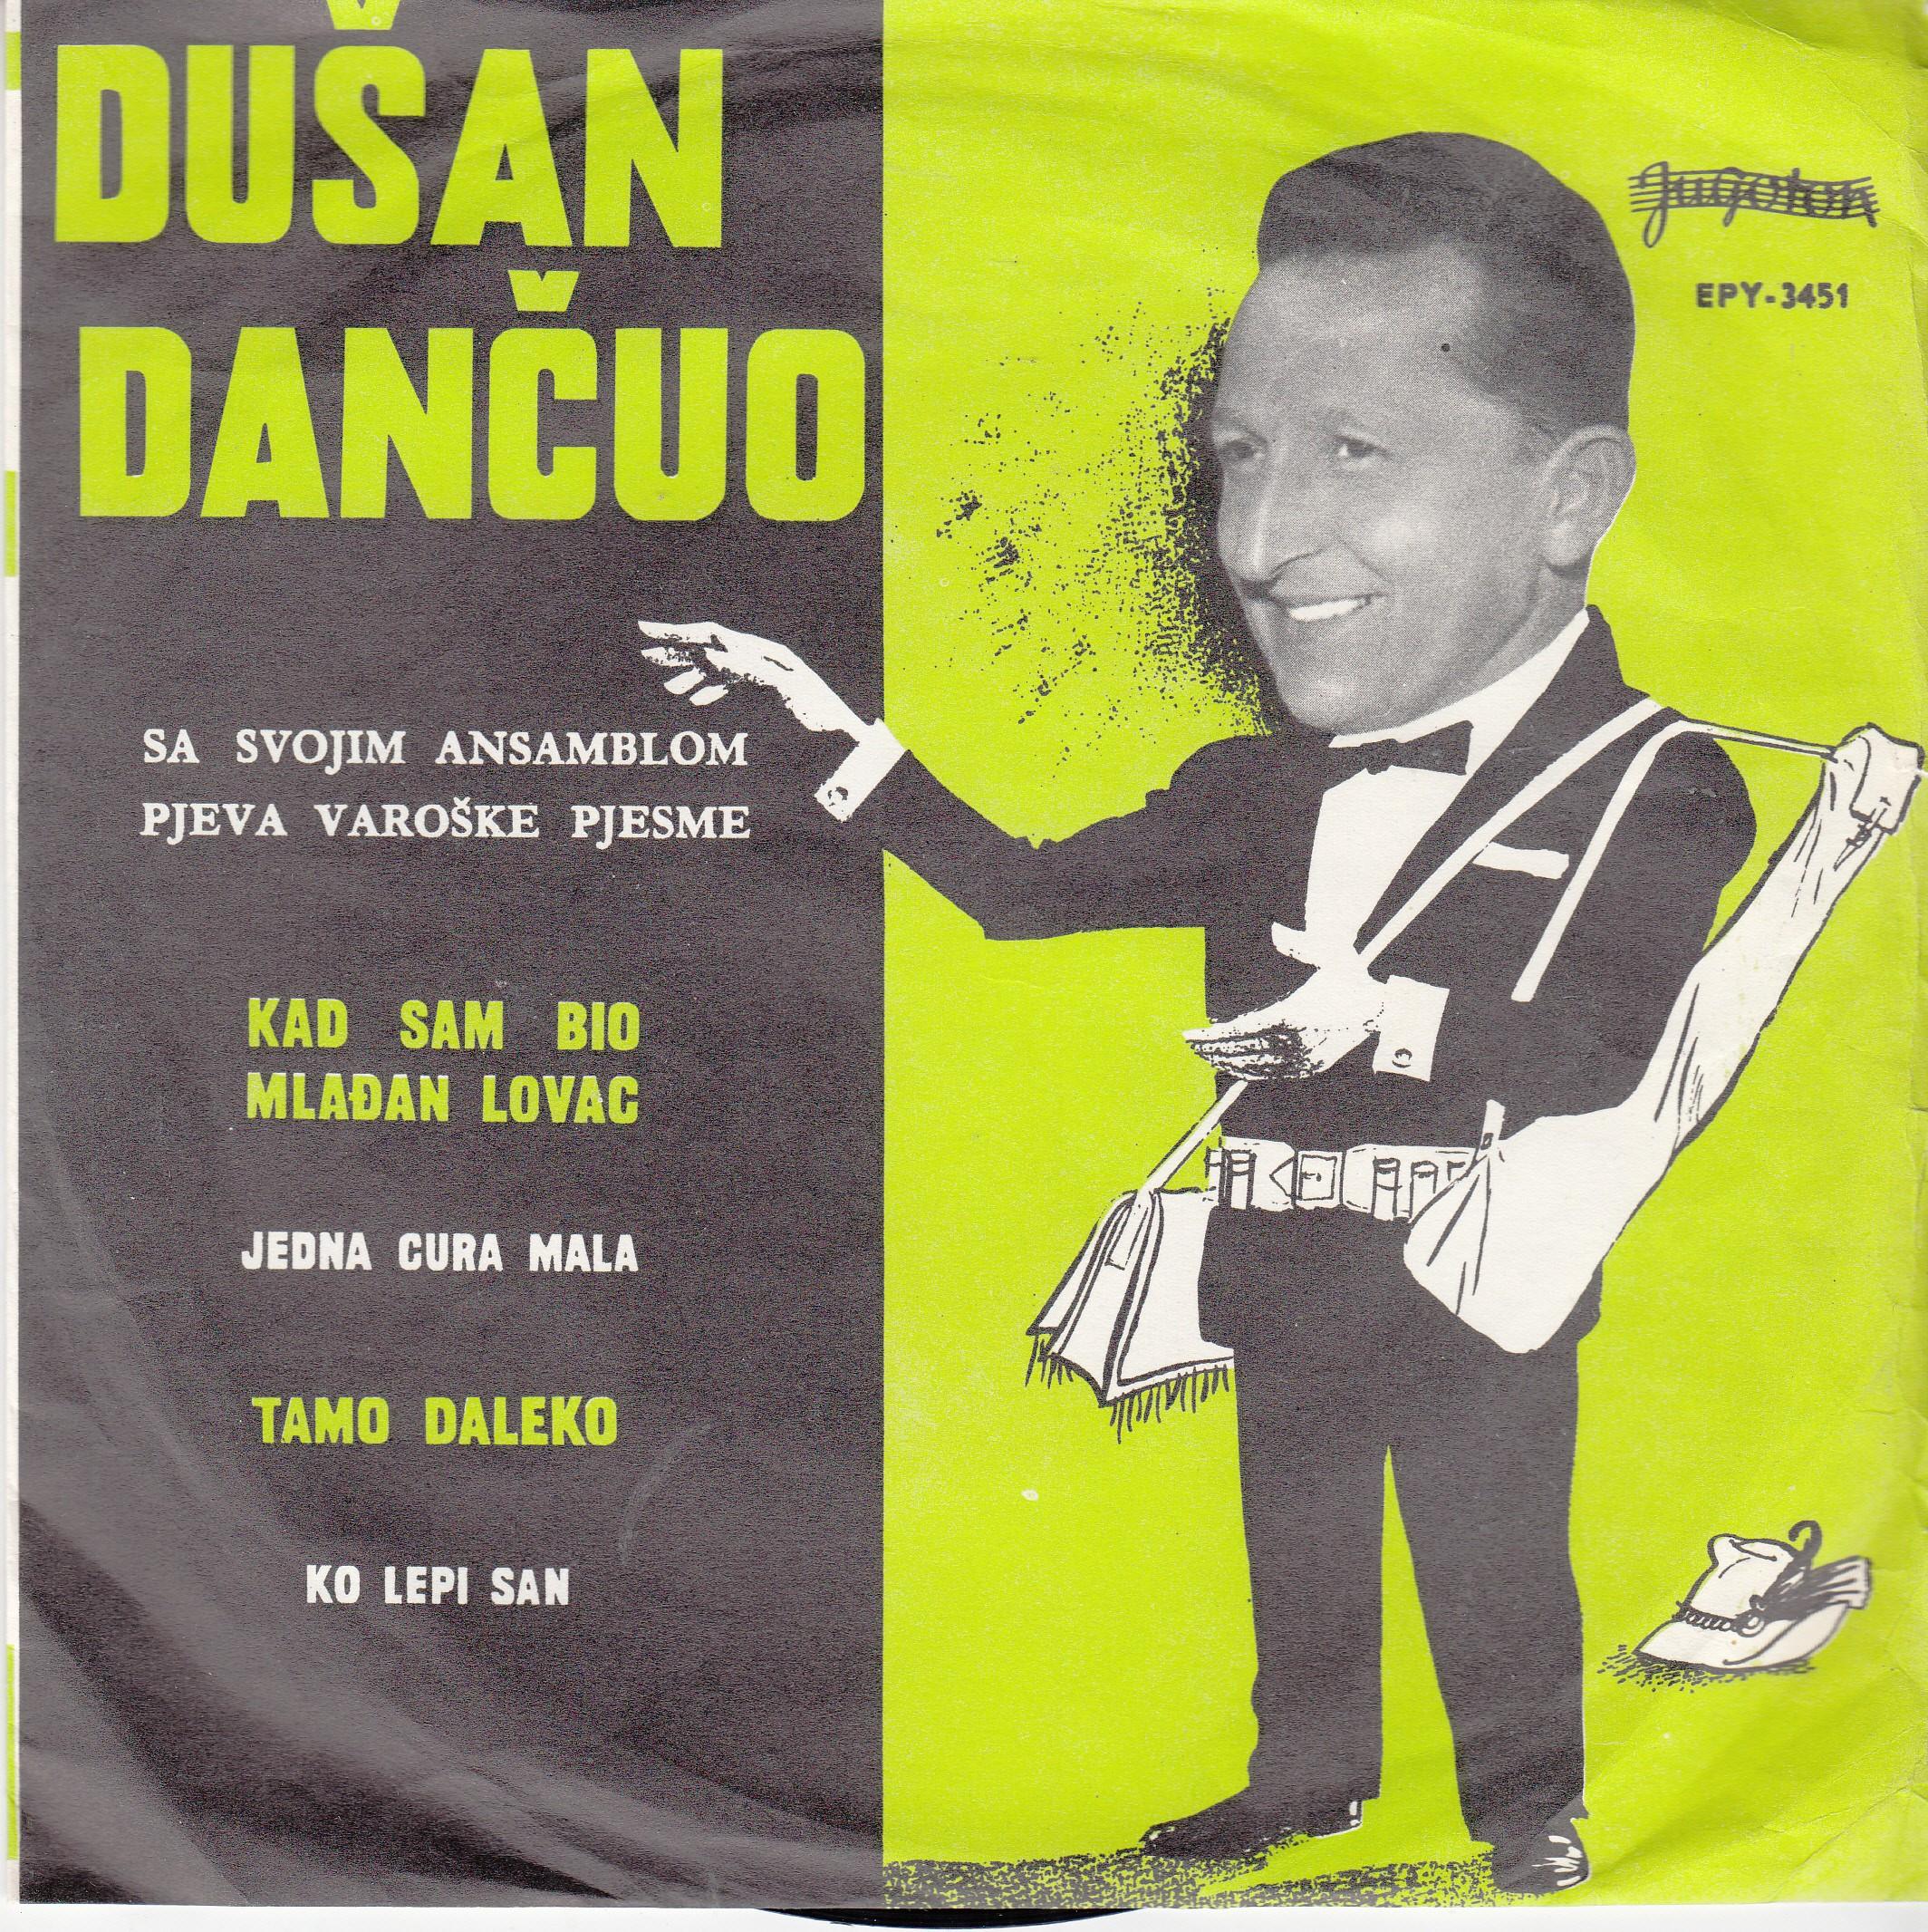 Dancuo Dusan - Kad Sam Bio Mladjan Lovac/jedna Cura Mala/tamo Daleko/ko Lepi San